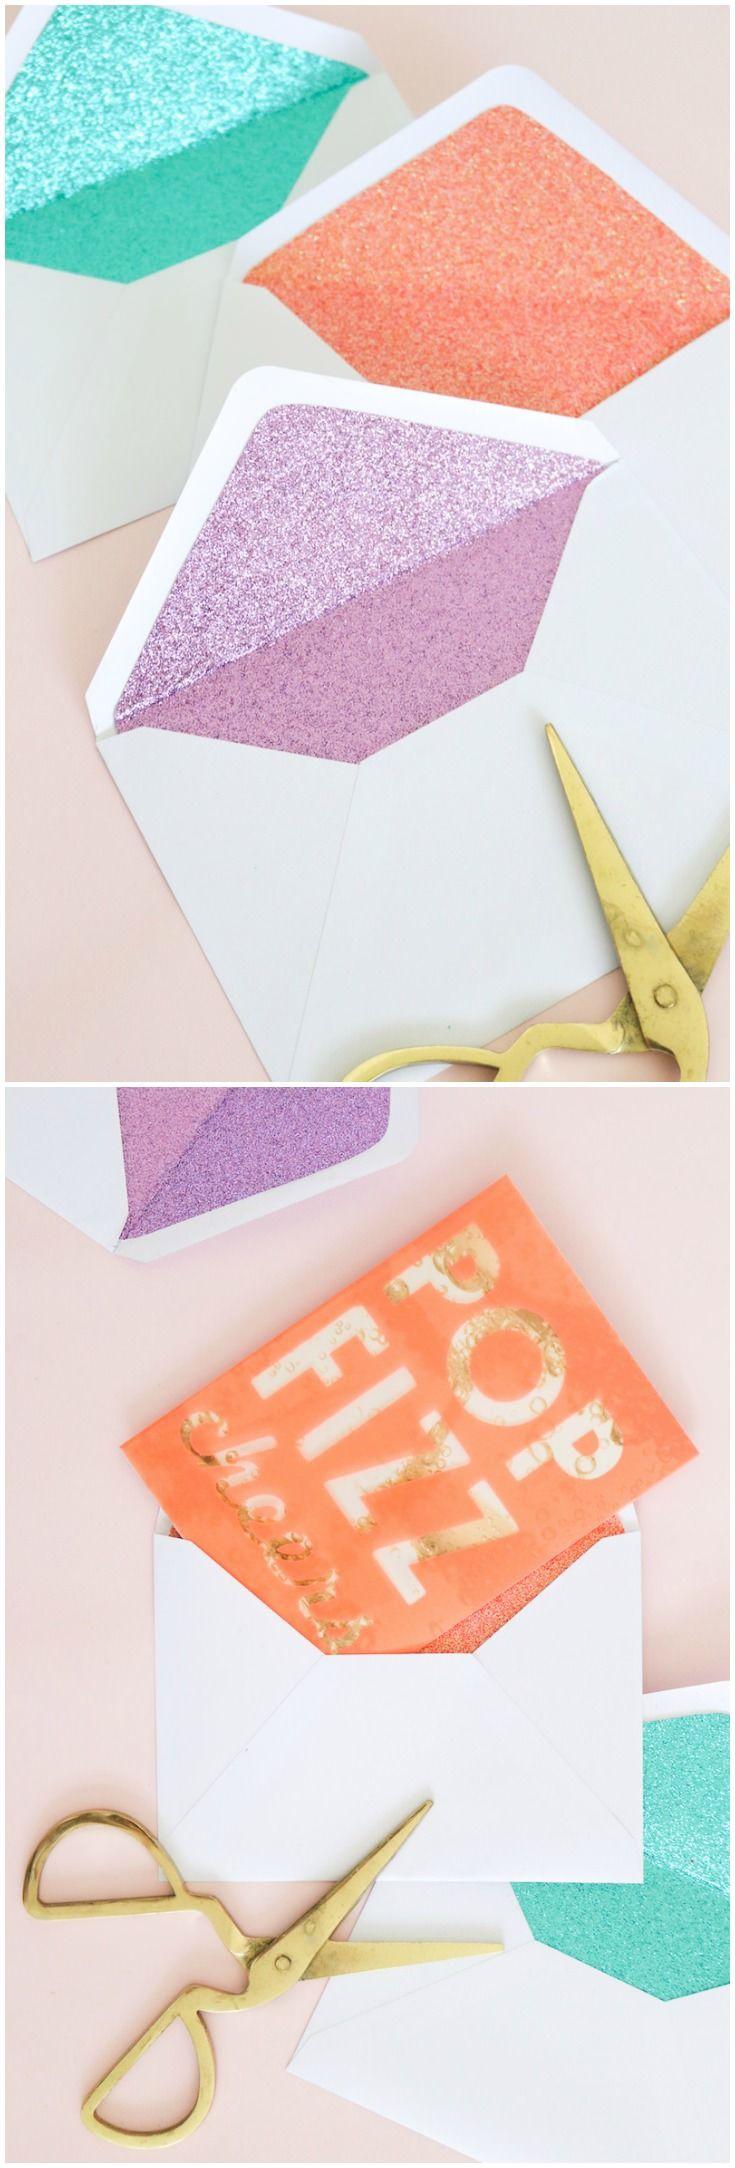 Scrapbook paper dollar general - Make Diy Glitter Lined Envelopes